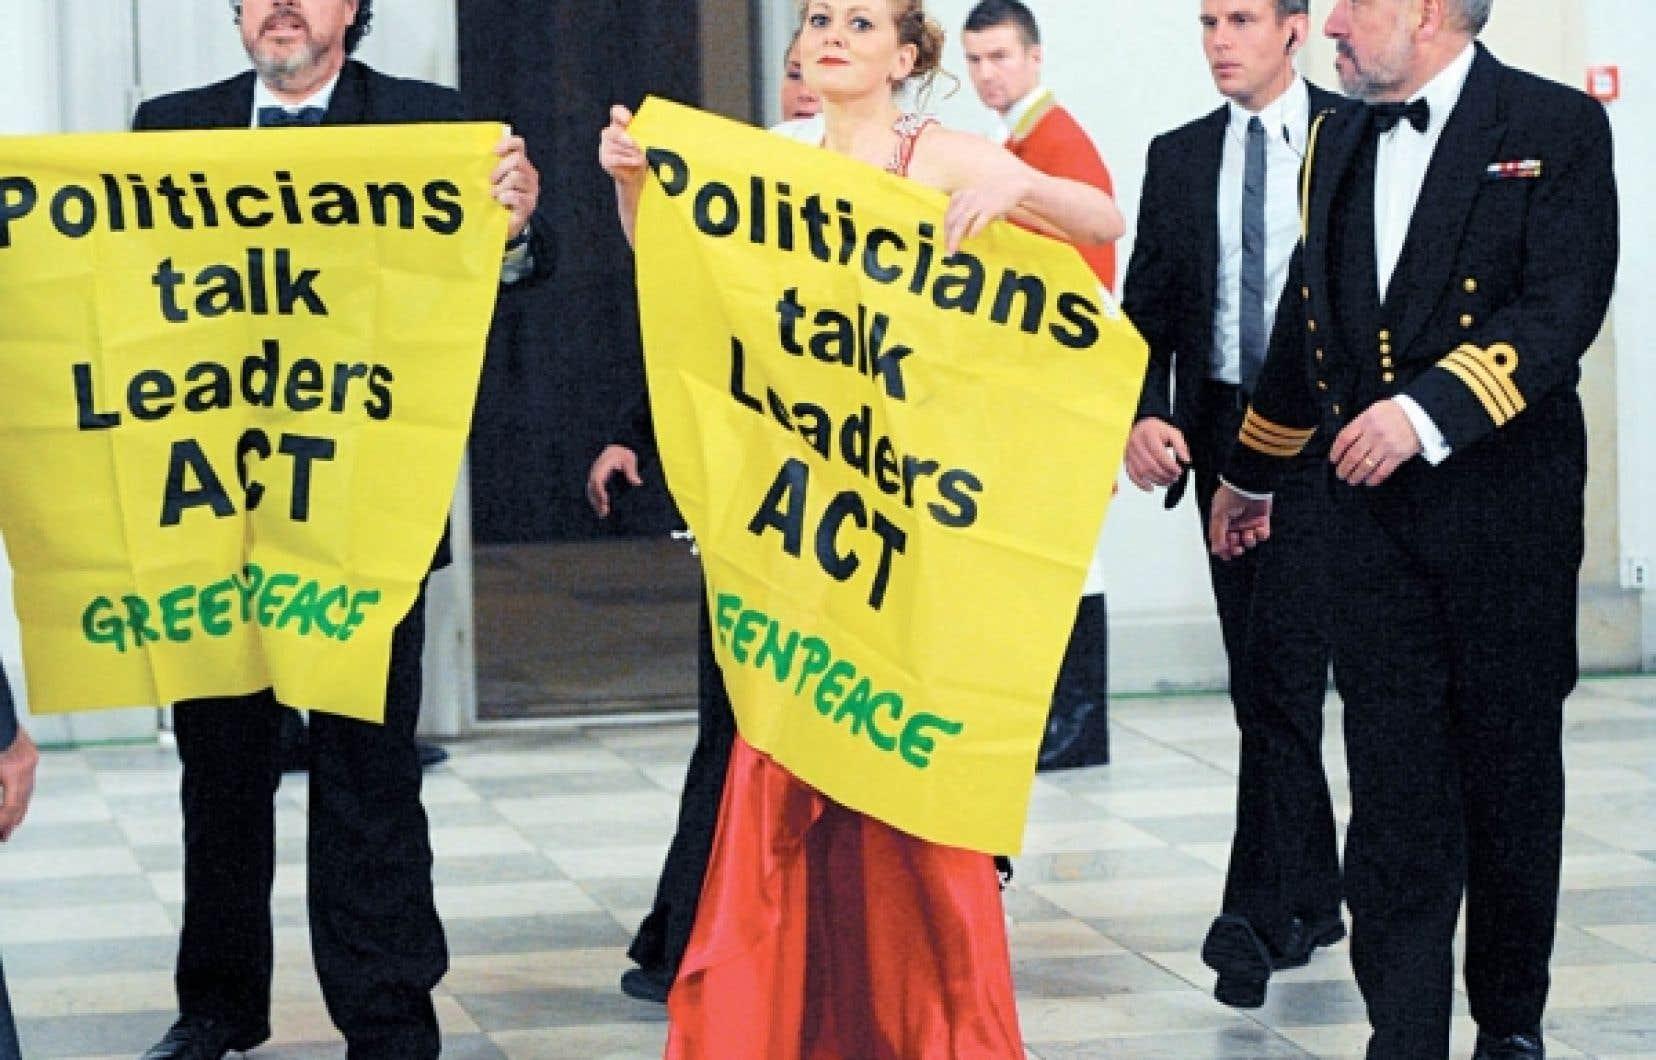 Des activistes de Greenpeace ont réussi à déjouer la sécurité et à se faufiler à l'intérieur du palais... où les chefs d'État étaient réunis pour un dîner officiel.